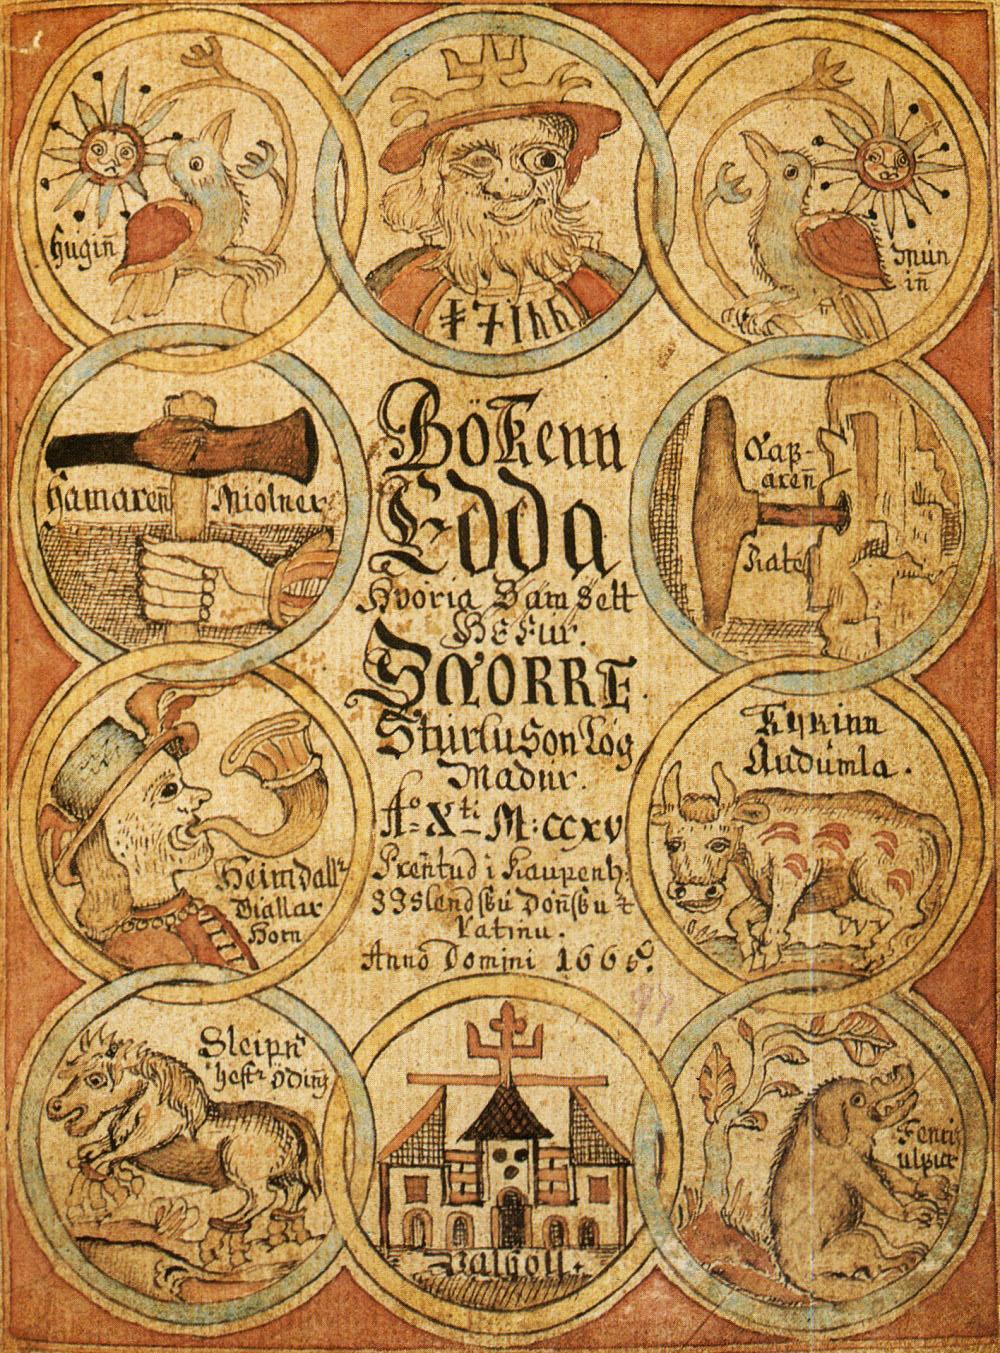 Proosa-Eddan sisältävän islantilaisen käsikirjoituksen kansi 1700-luvulta. Kuva: wikimedia commons